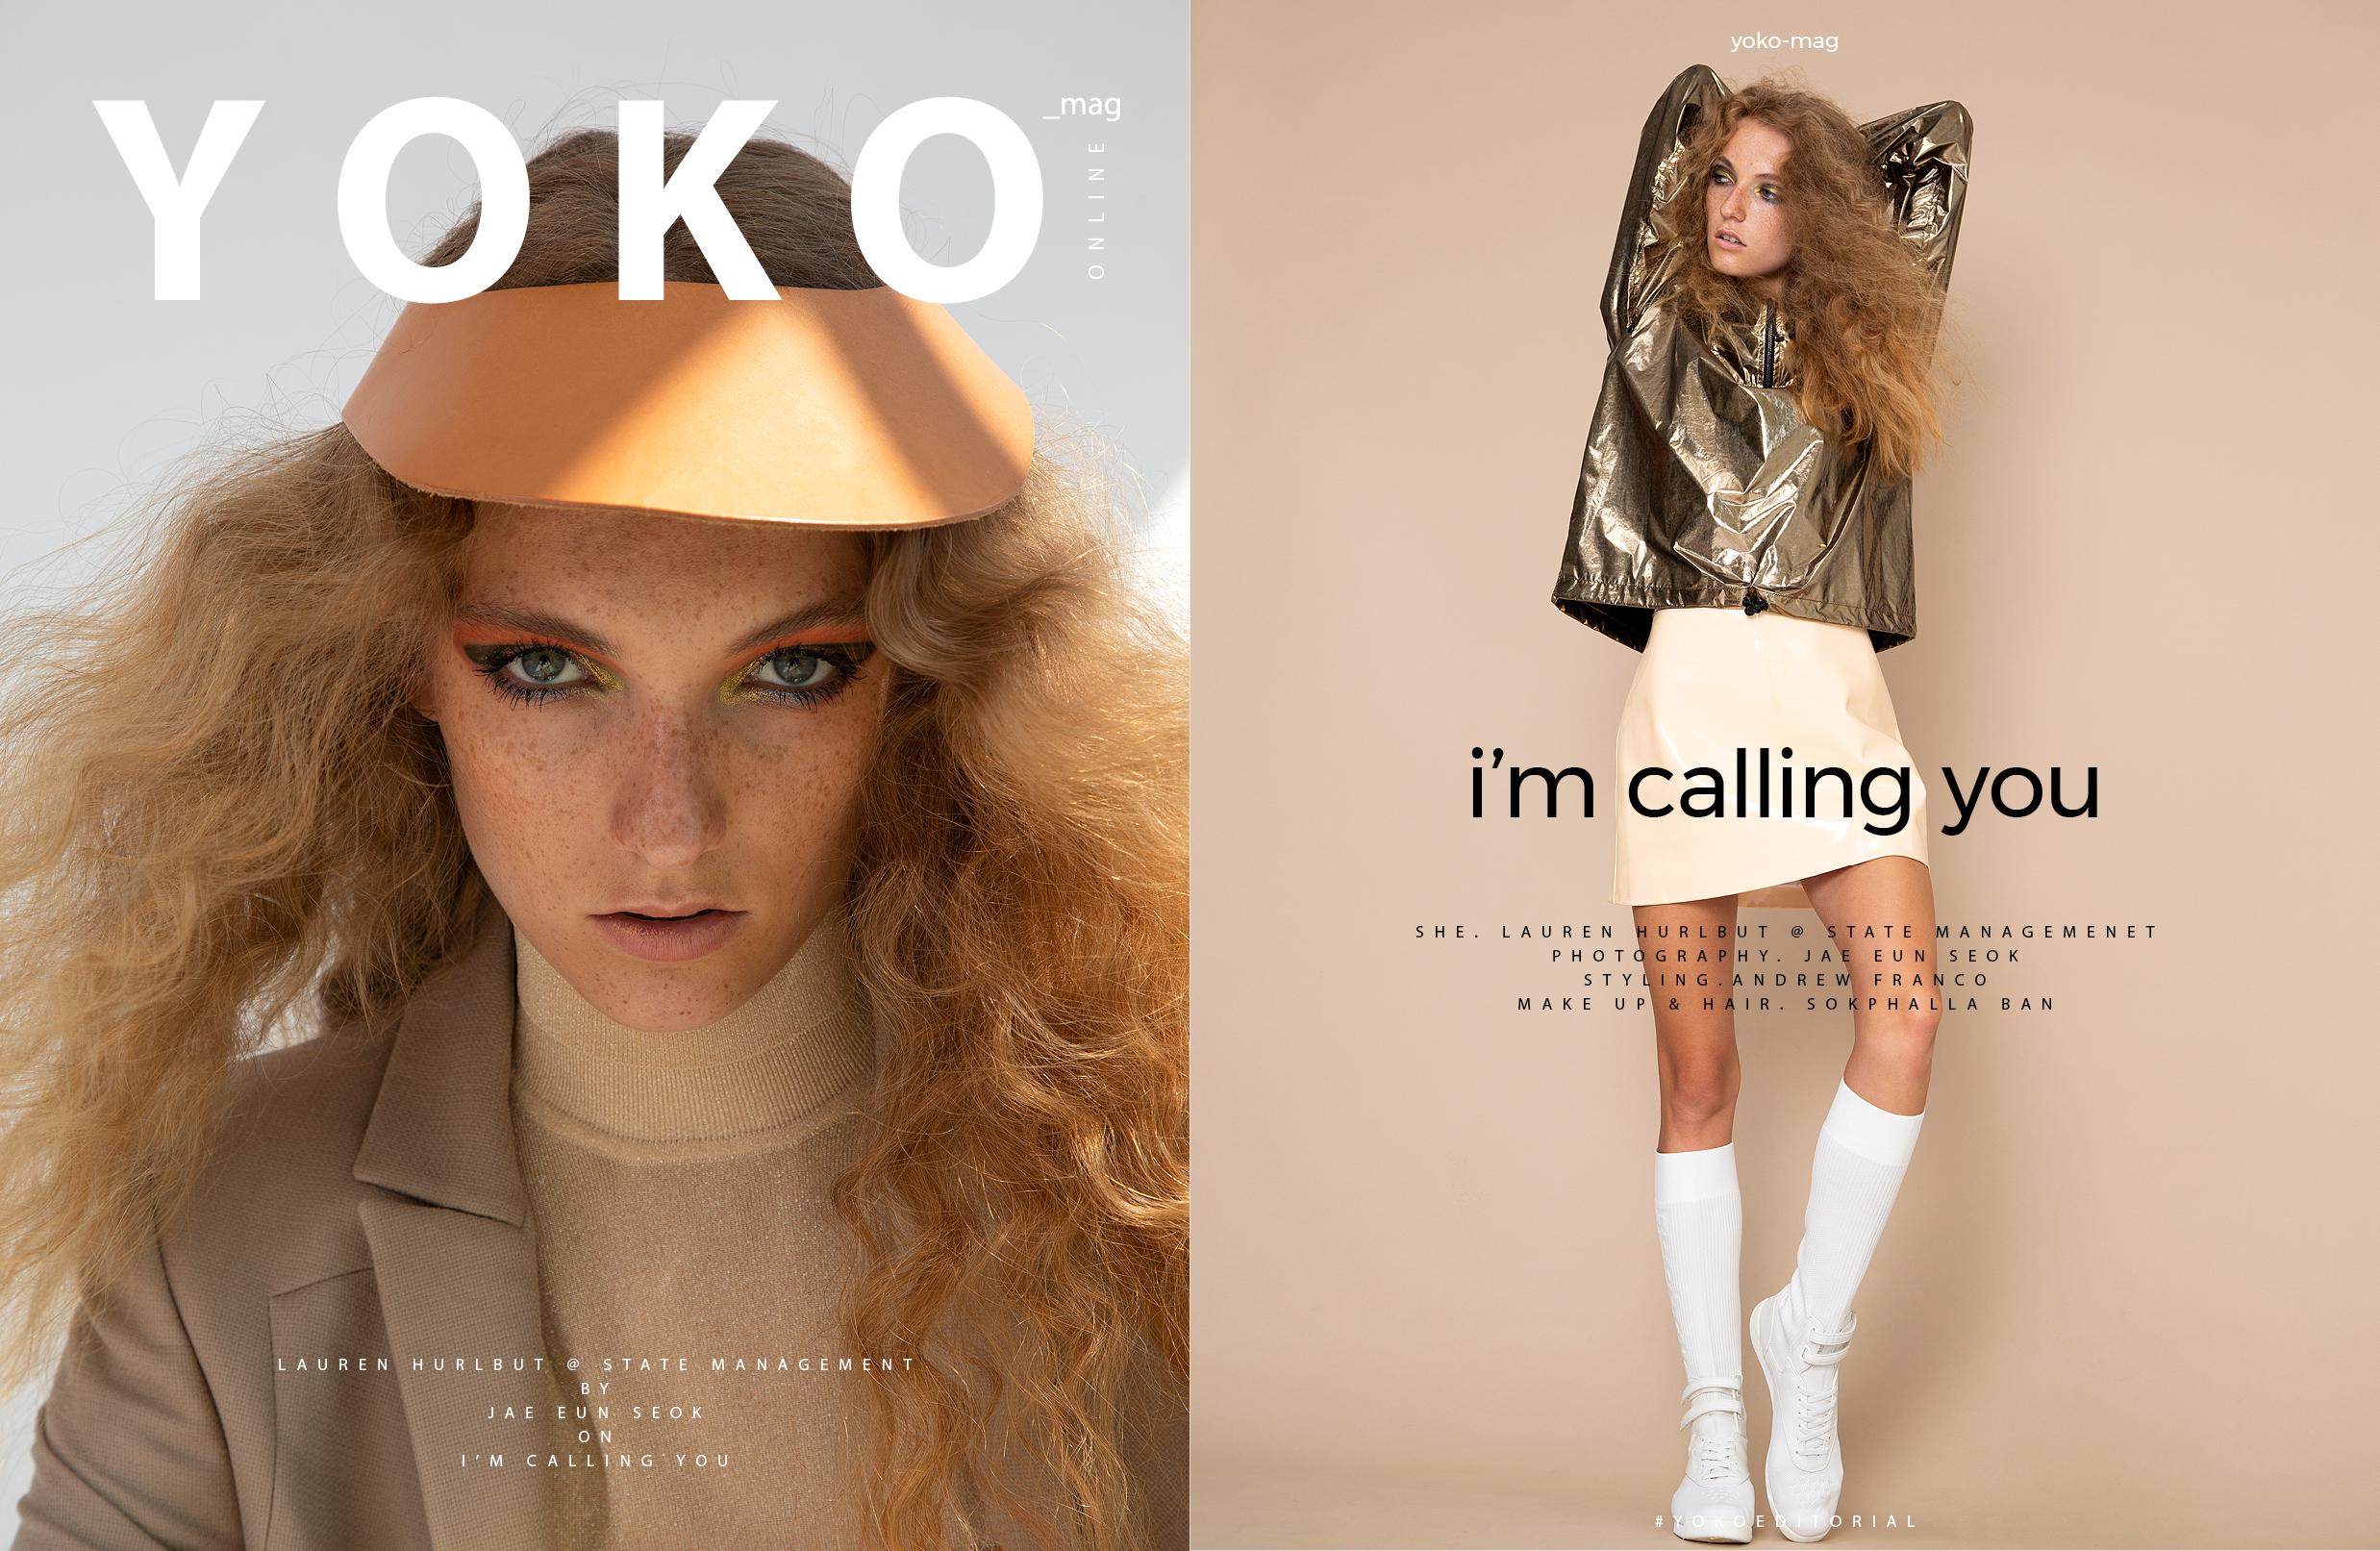 Yoko1.jpg